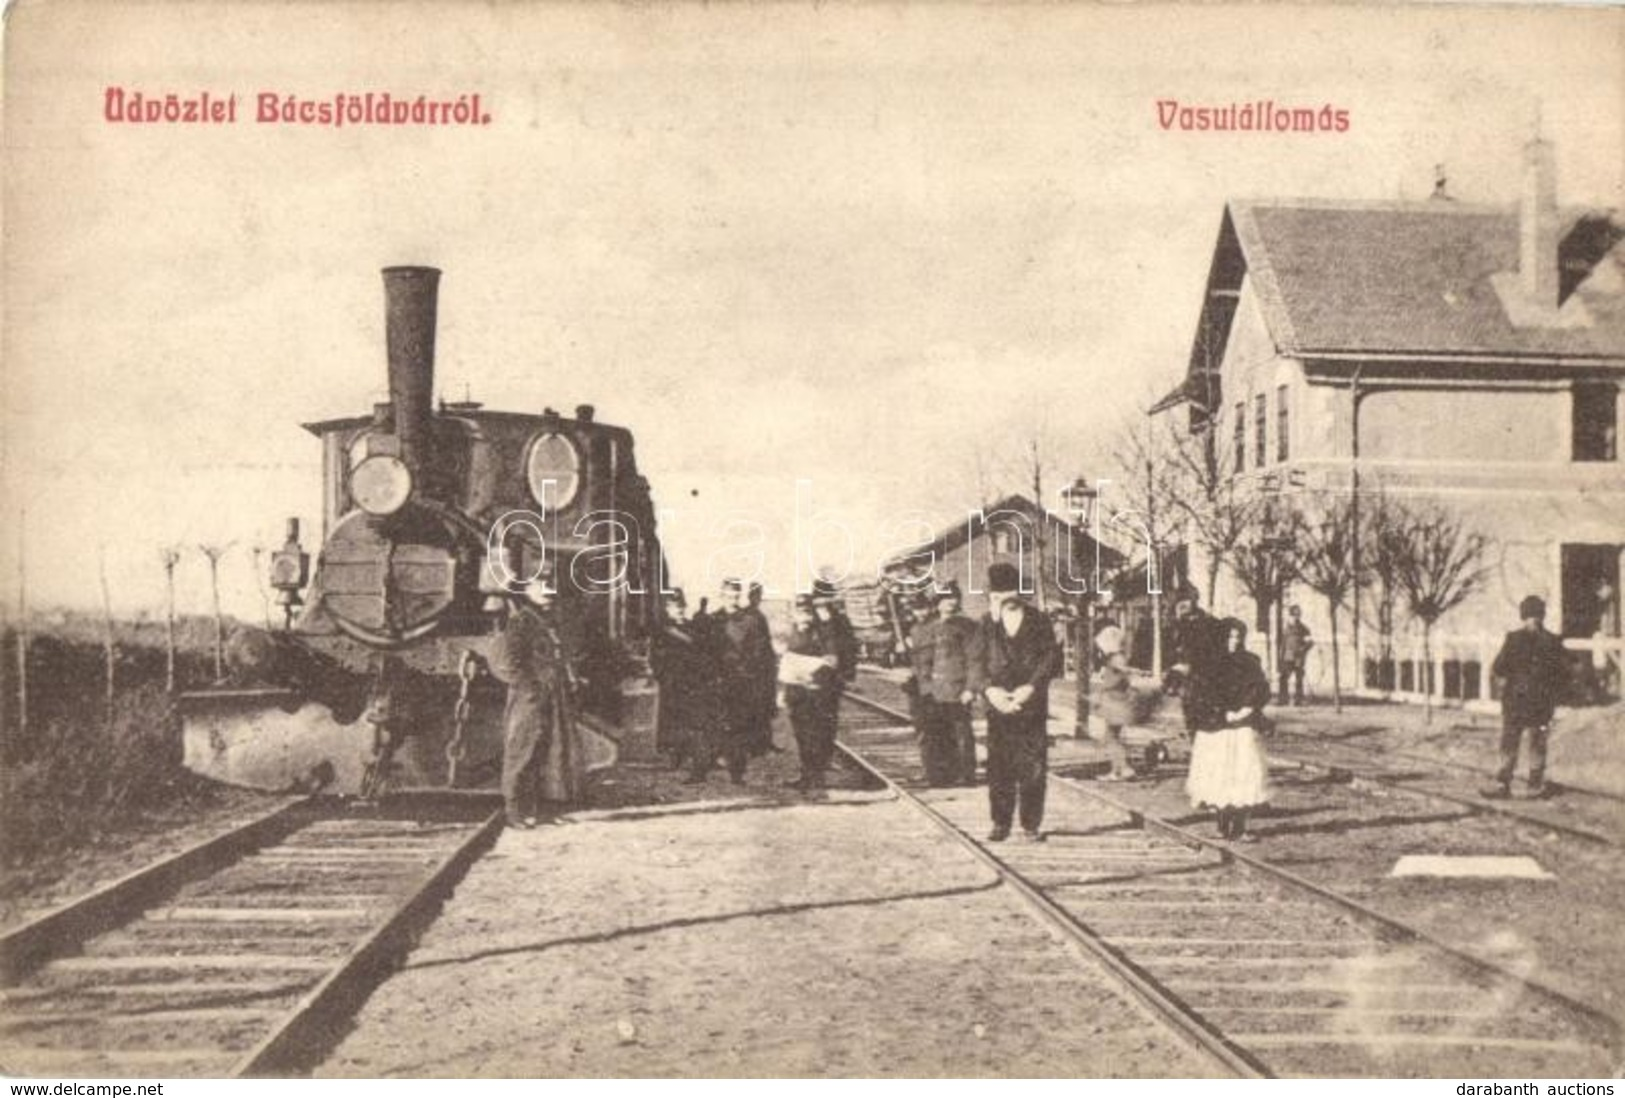 ** T2/T3 Bácsföldvár, Backo Gradiste; Vasútállomás, G?zmozdony, Vasutasok / Bahnhof / Railway Station, Locomotive, Railw - Unclassified